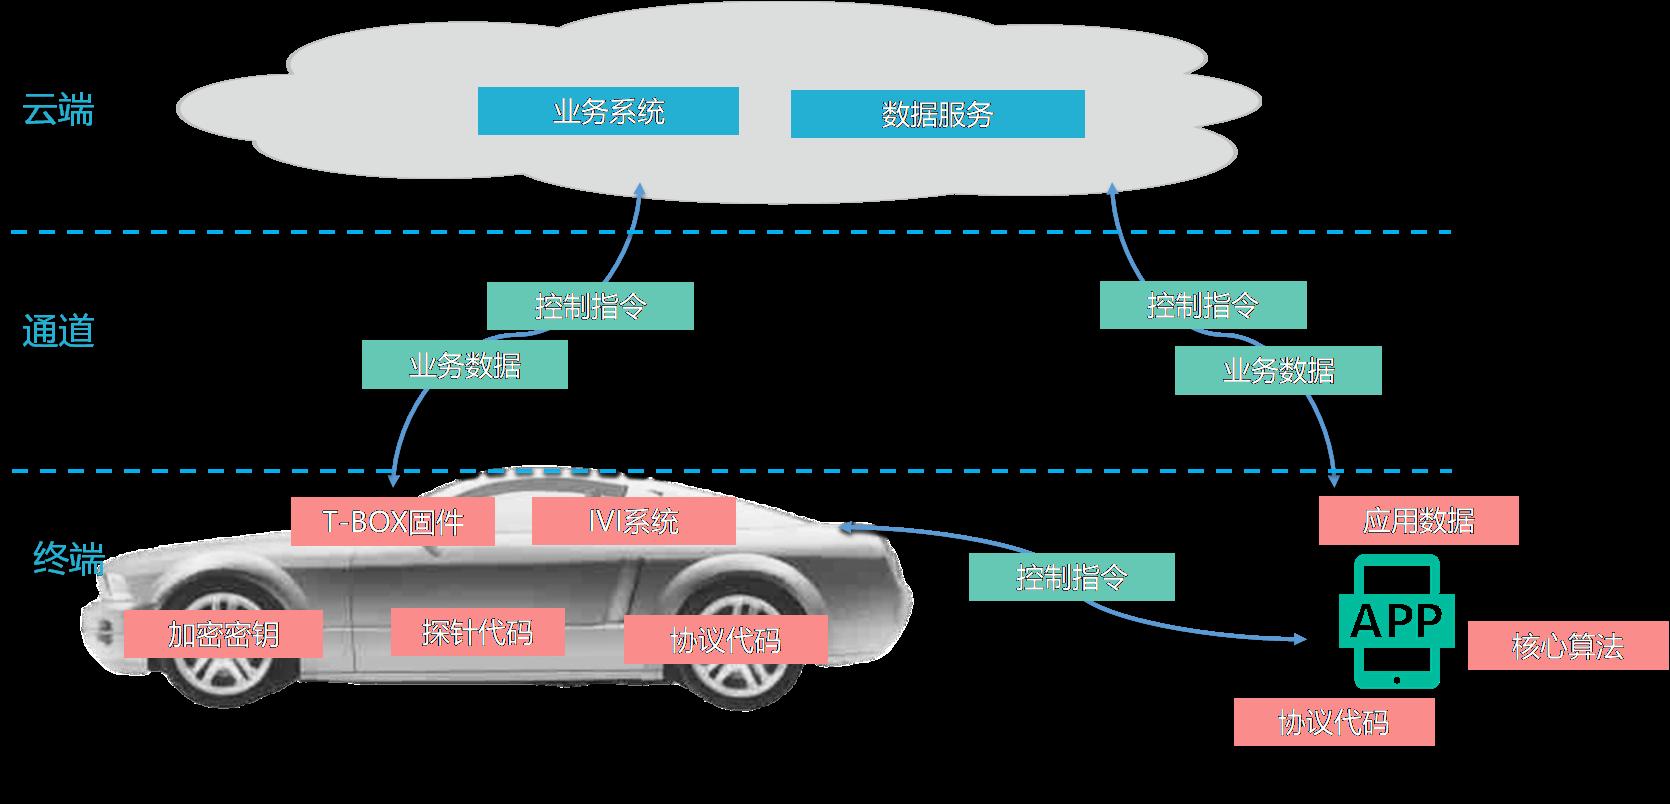 几维安全基于智能网联汽车云管端的信息安全防护.png